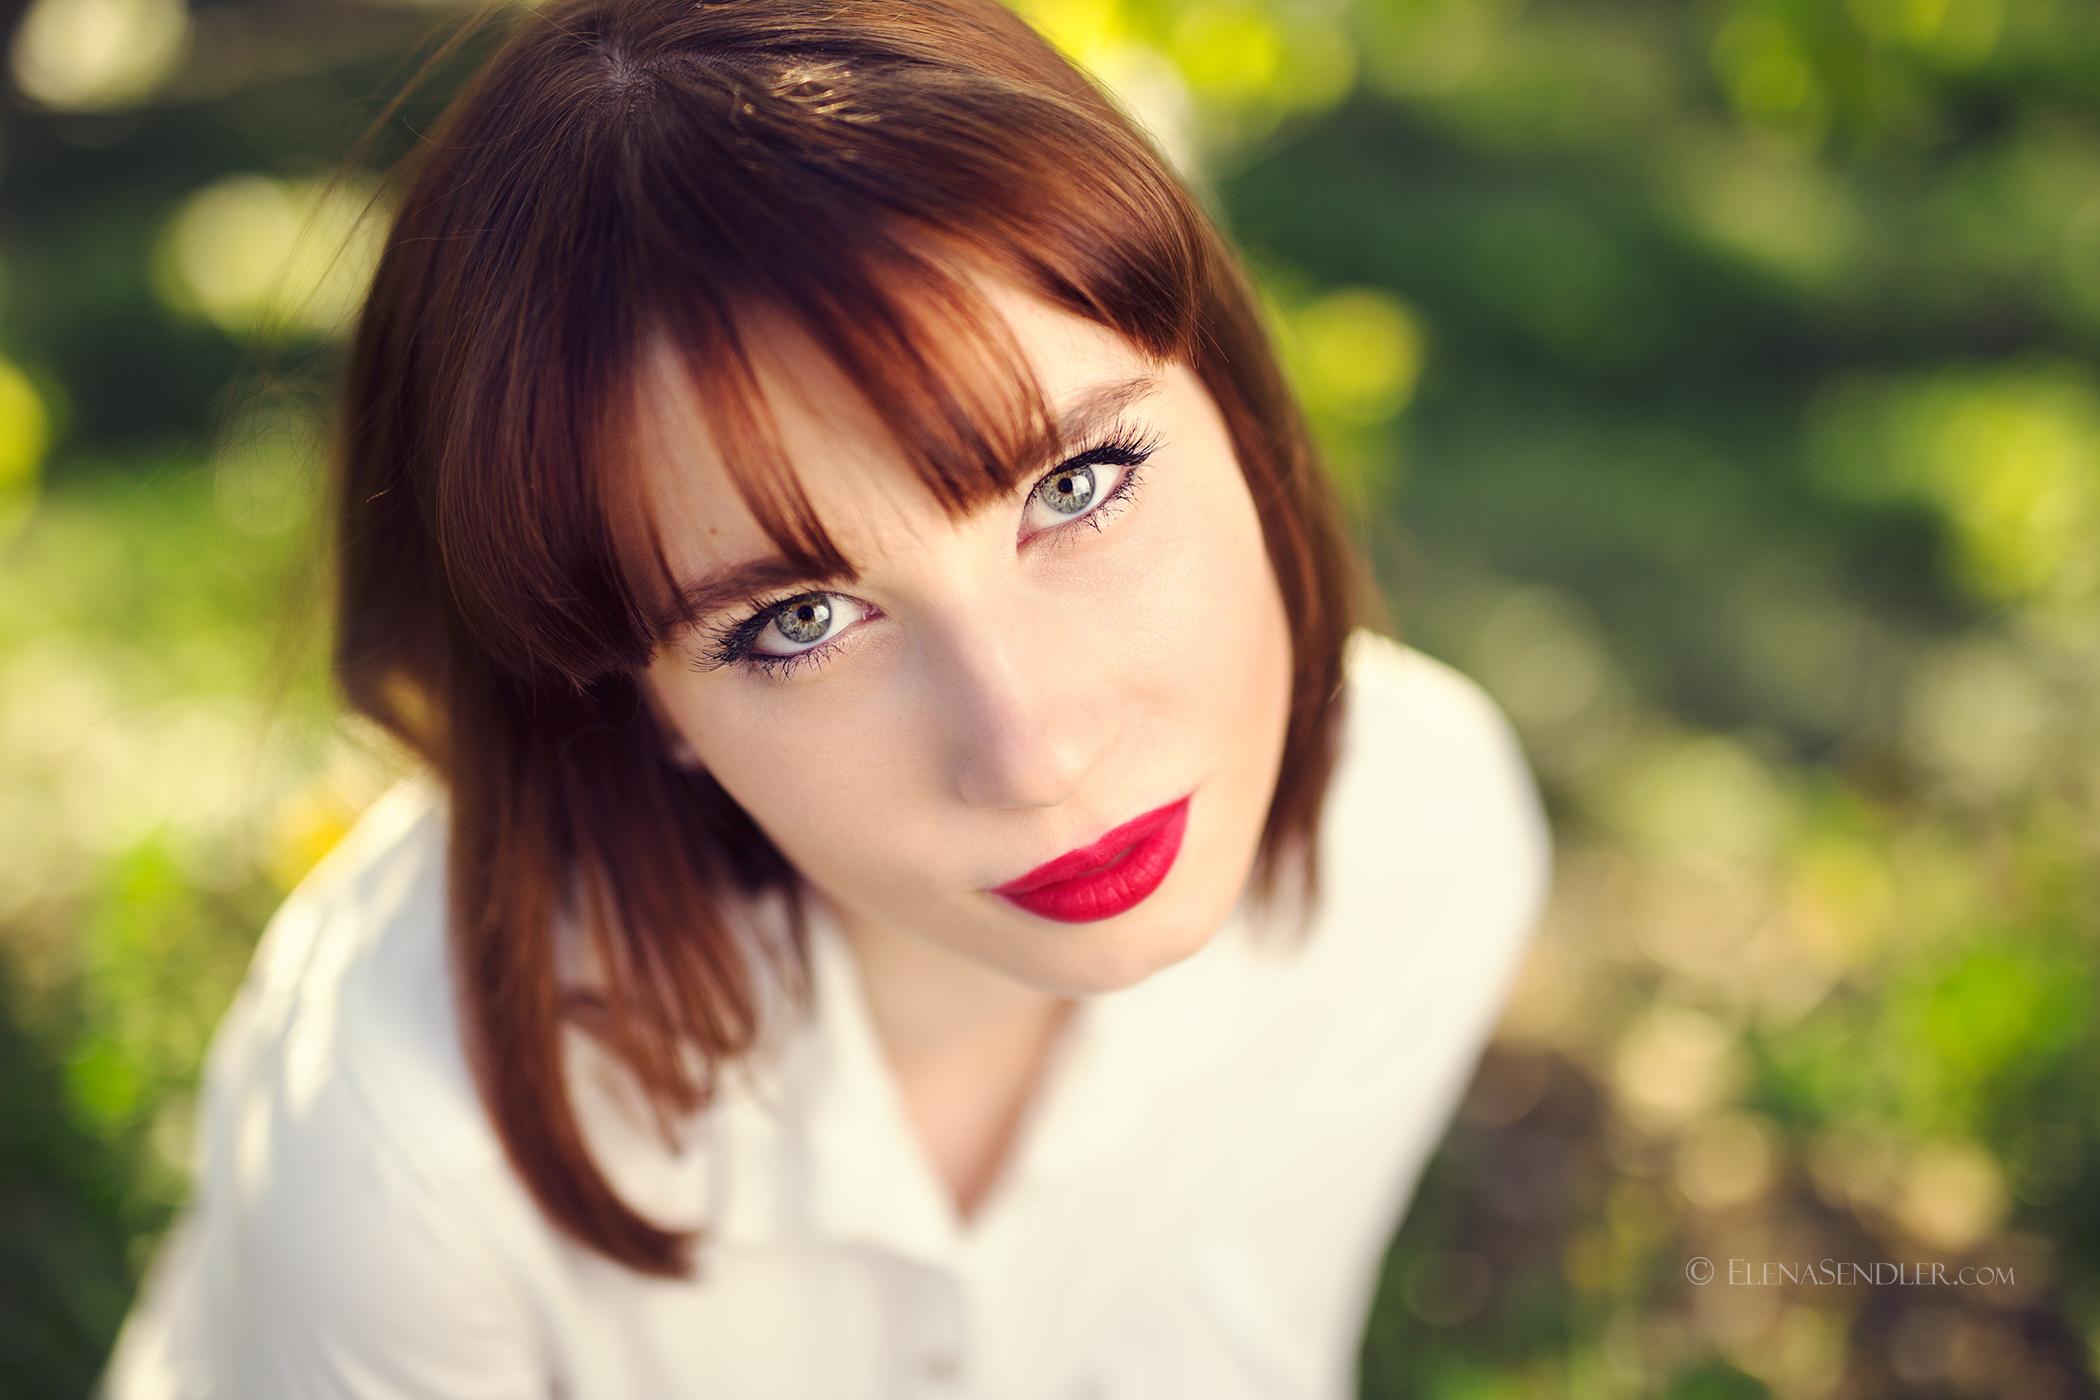 Elena_Sendler_Zala_Zagoricnik_green_spring_5